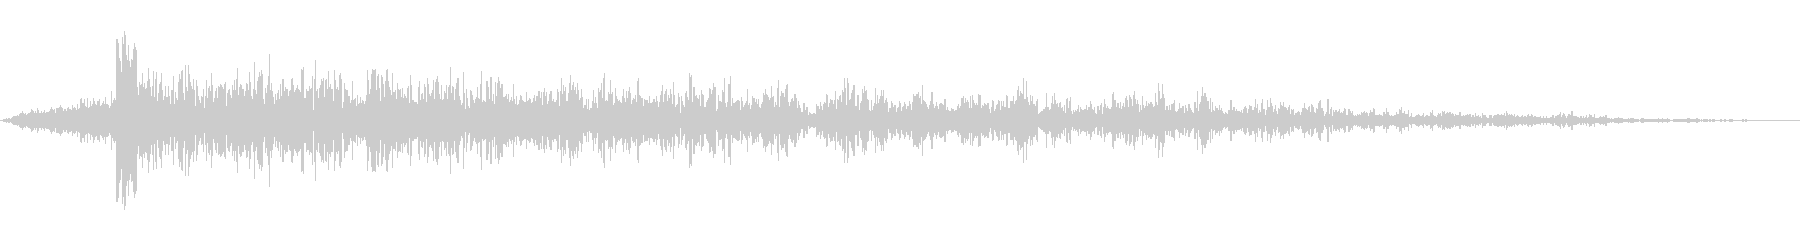 ブーミングランブルリングスイープ2の未再生の波形